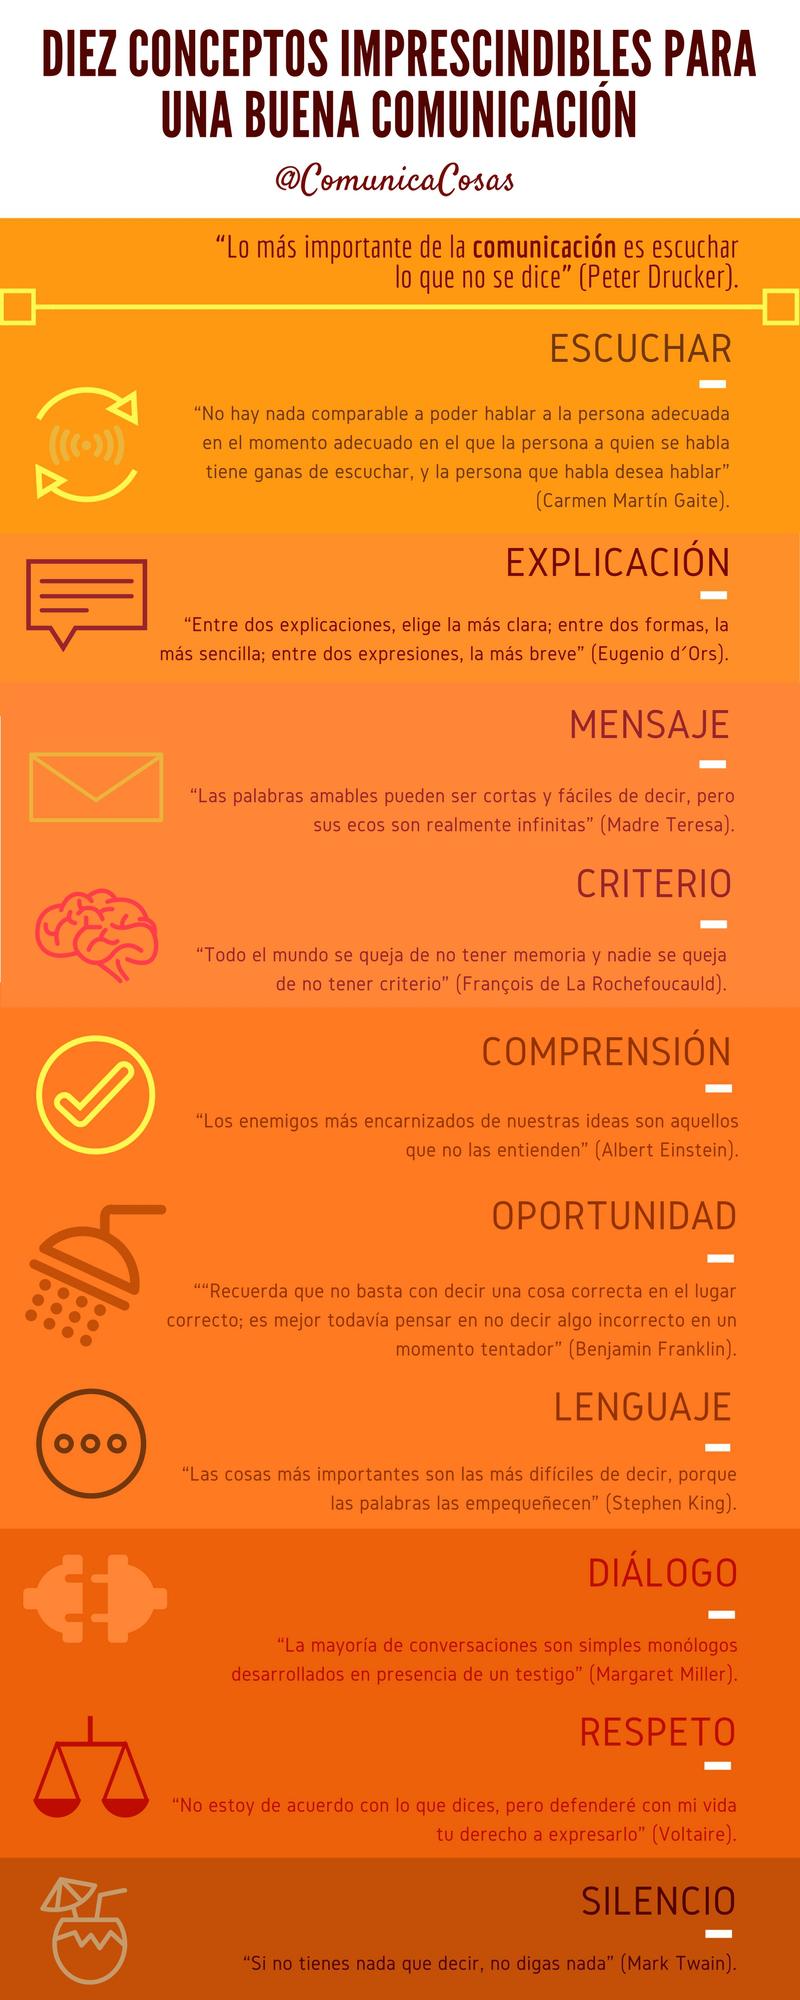 10 Claves para una buena Comunicación en una interesante infografía